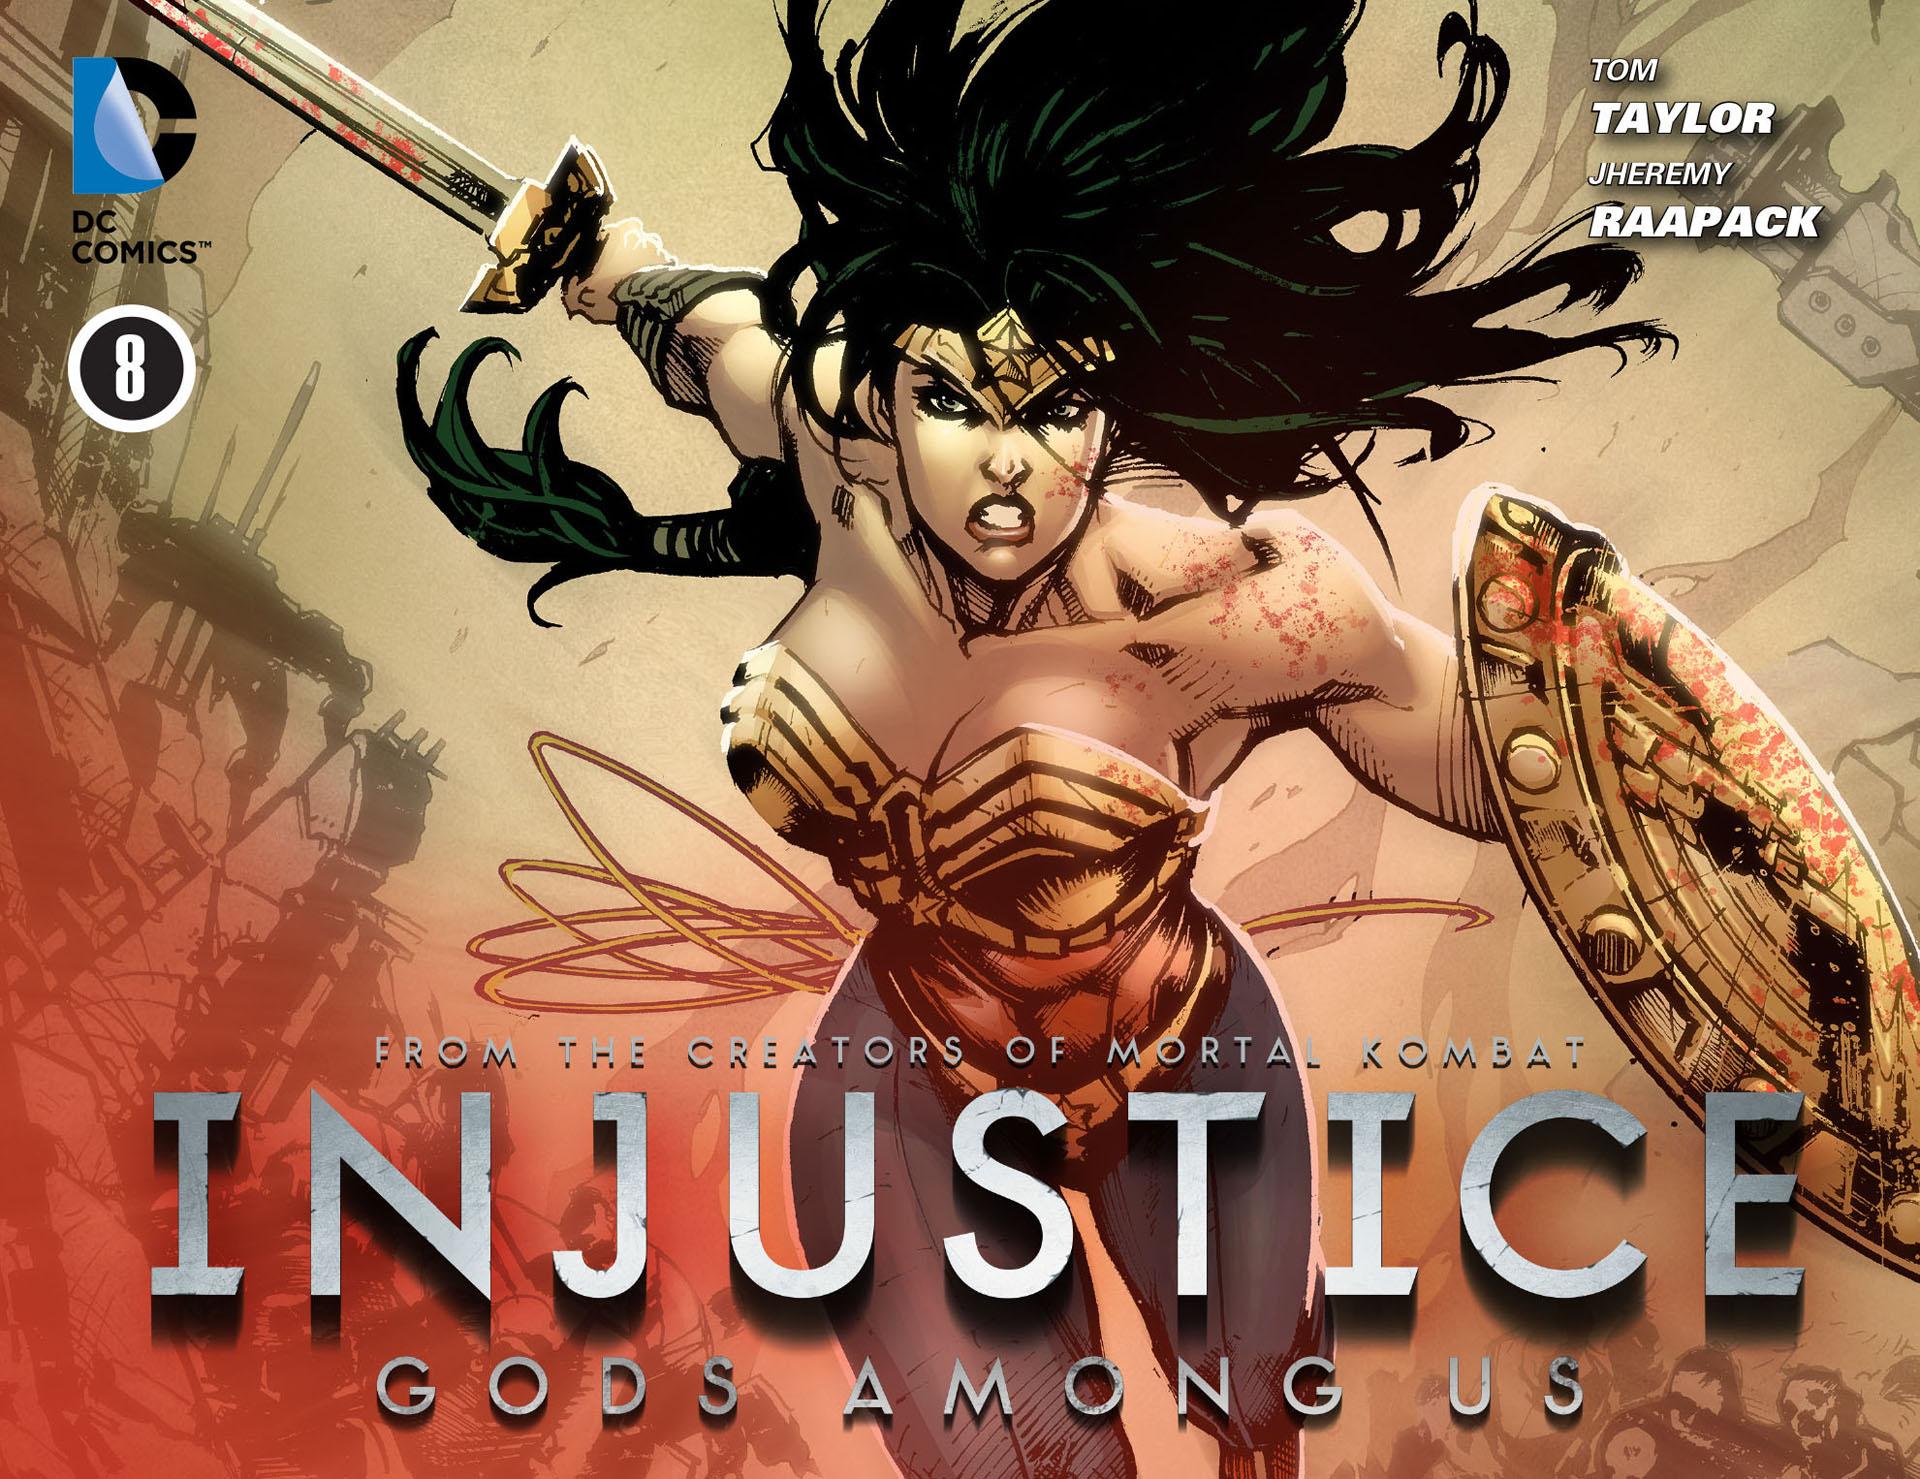 Injustice: Gods Among Us [I] 8 Page 1